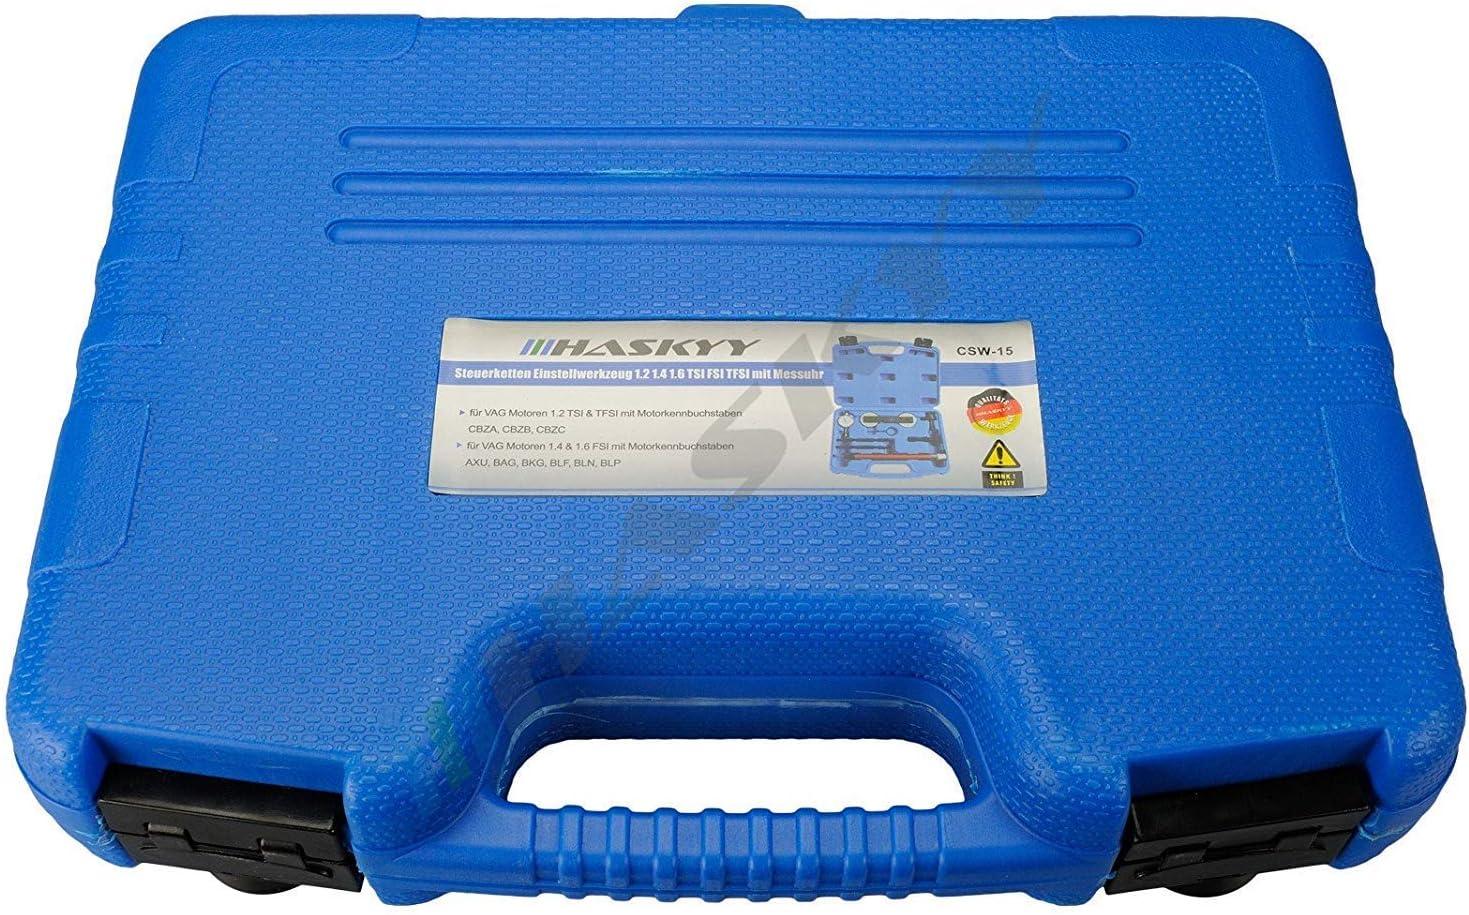 Motor Einstellwerkzeug Satz Steuerkette Vag 1 2 1 4 1 6 Tsi Fsi Tfsi Messuhr Baumarkt